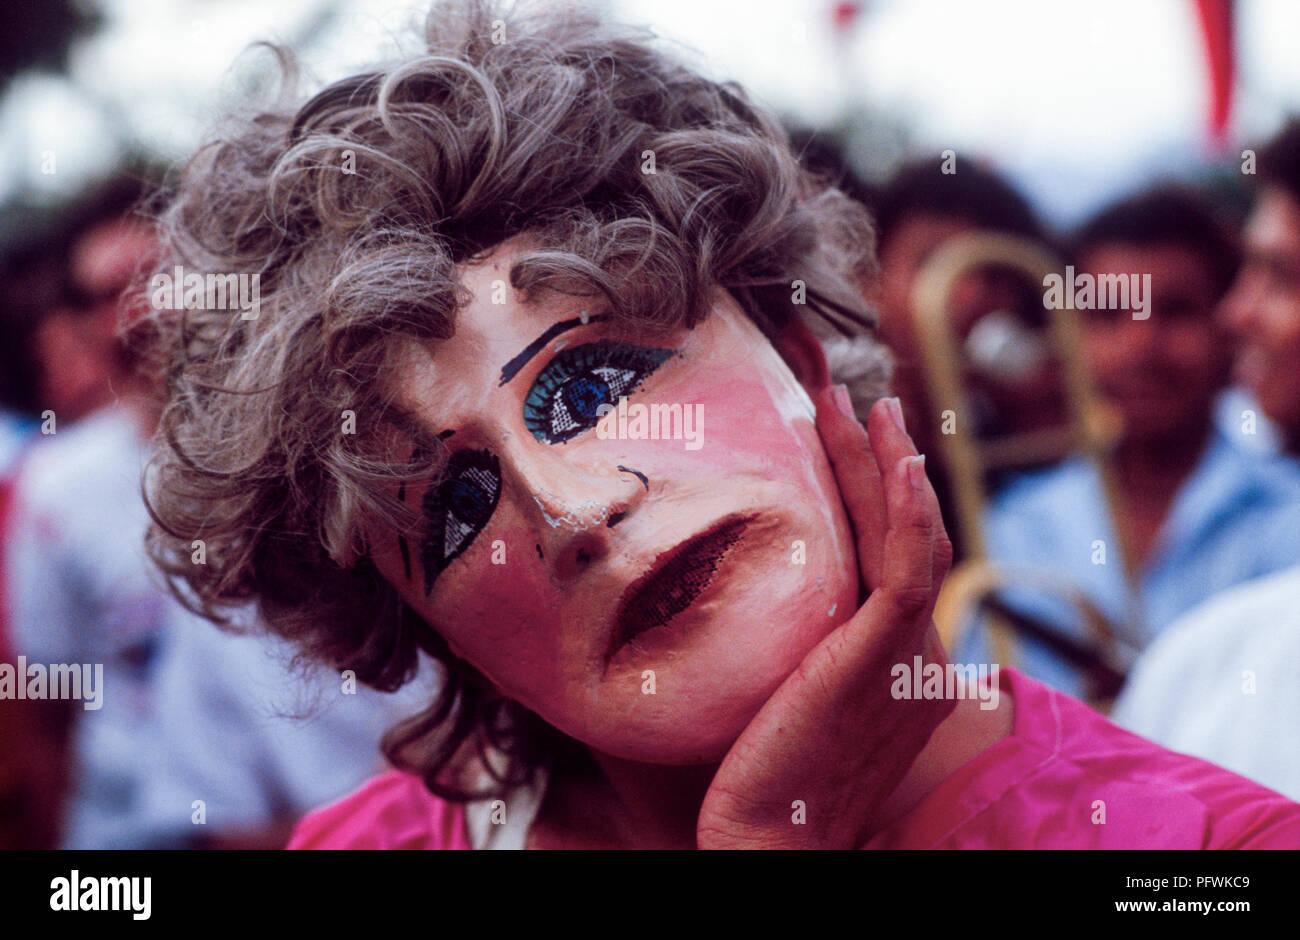 Managua, Nicaragua, Wahlen, Feb 1990; eine Frau trägt eine traditionelle Nicaraguanische Maske aus Pappmache mashe. Stockbild